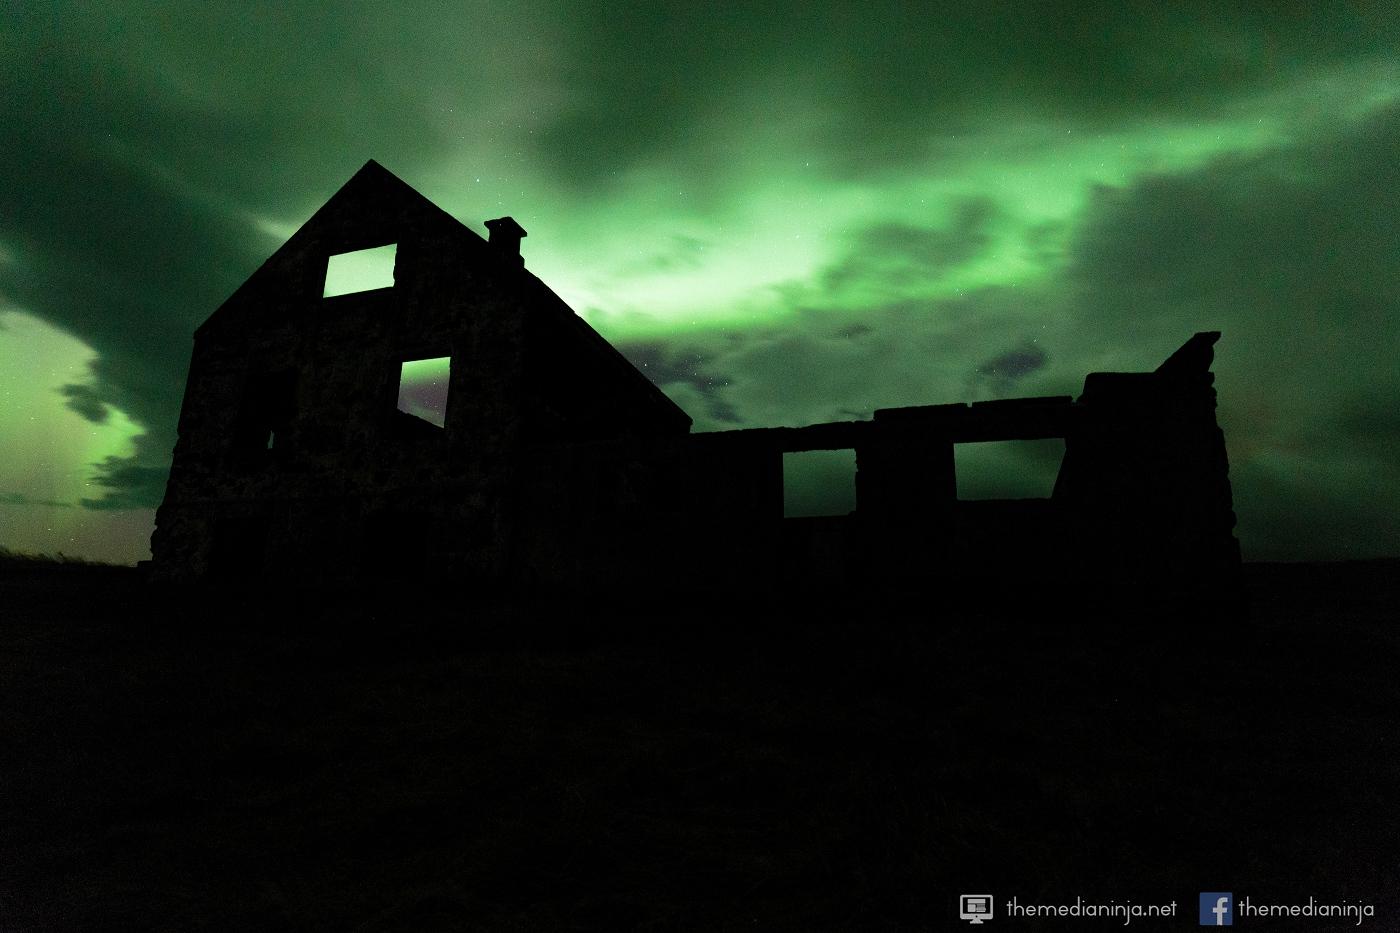 🇮🇸 Dagverðará, Iceland 🇮🇸